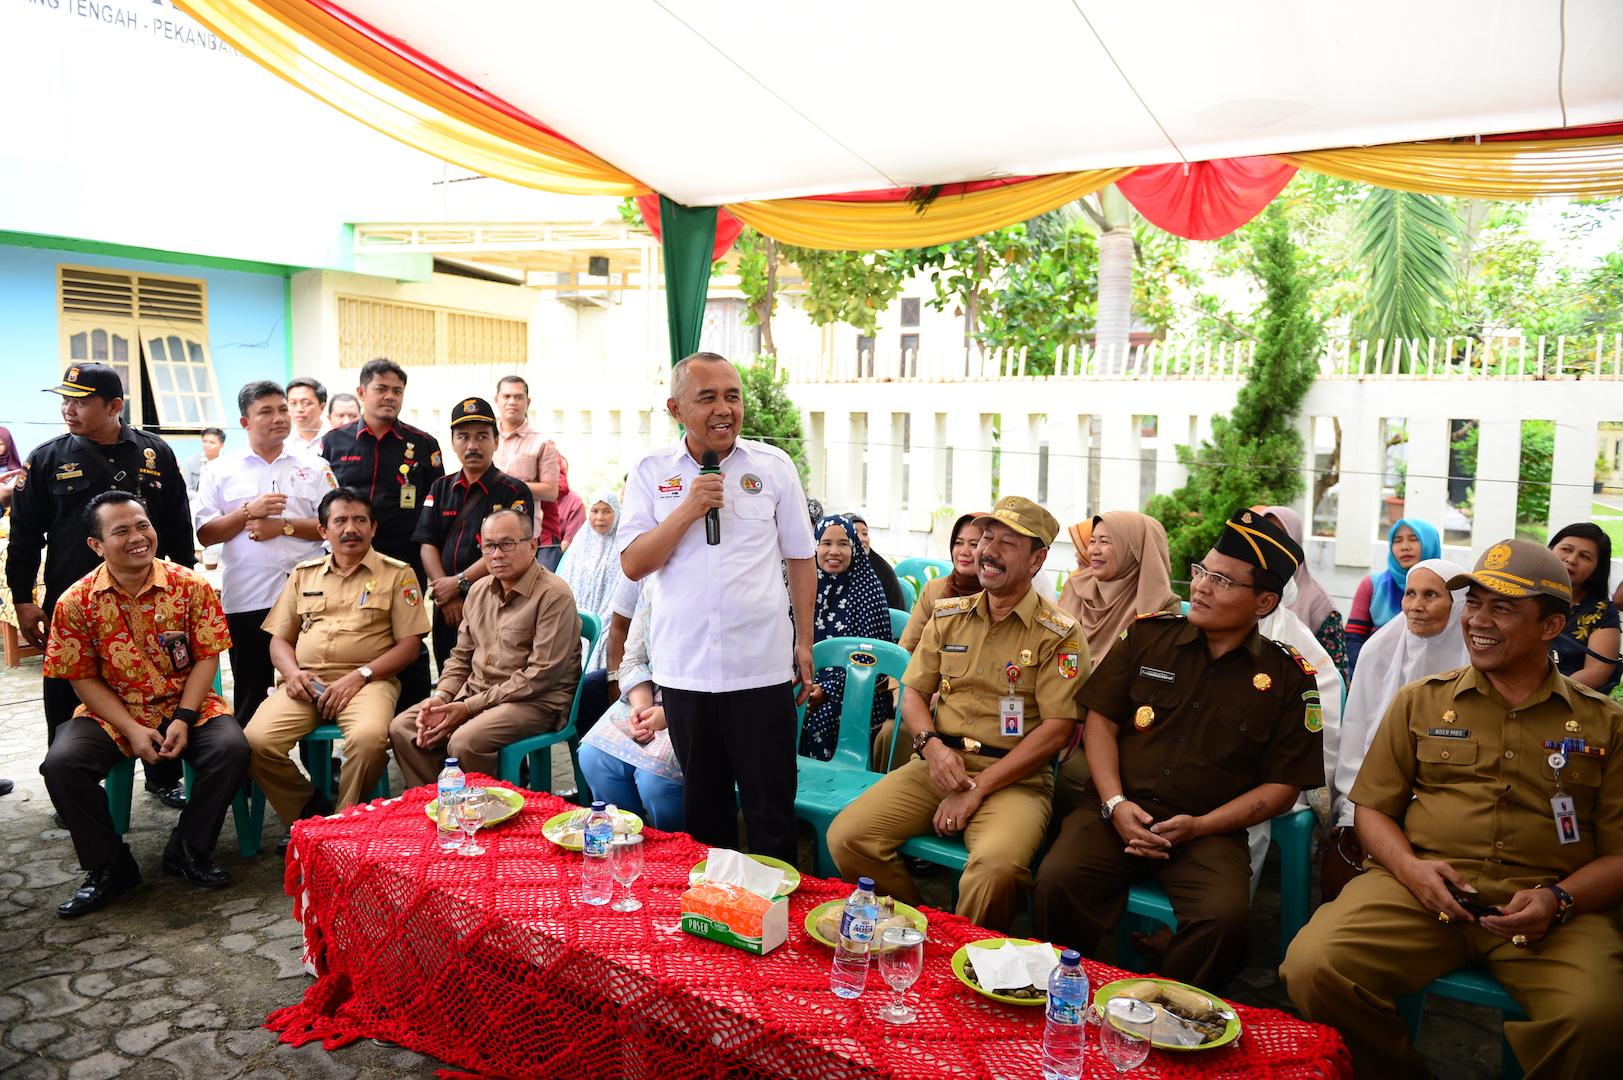 Gubri saat berdialog dengan Pemilih TPS 64 saat Tinjau Pilkada serentak di Jl. Neraca No.2 Kel Tangkerang Tengah Kec. Marpoyan Damai Kota Pekanbaru